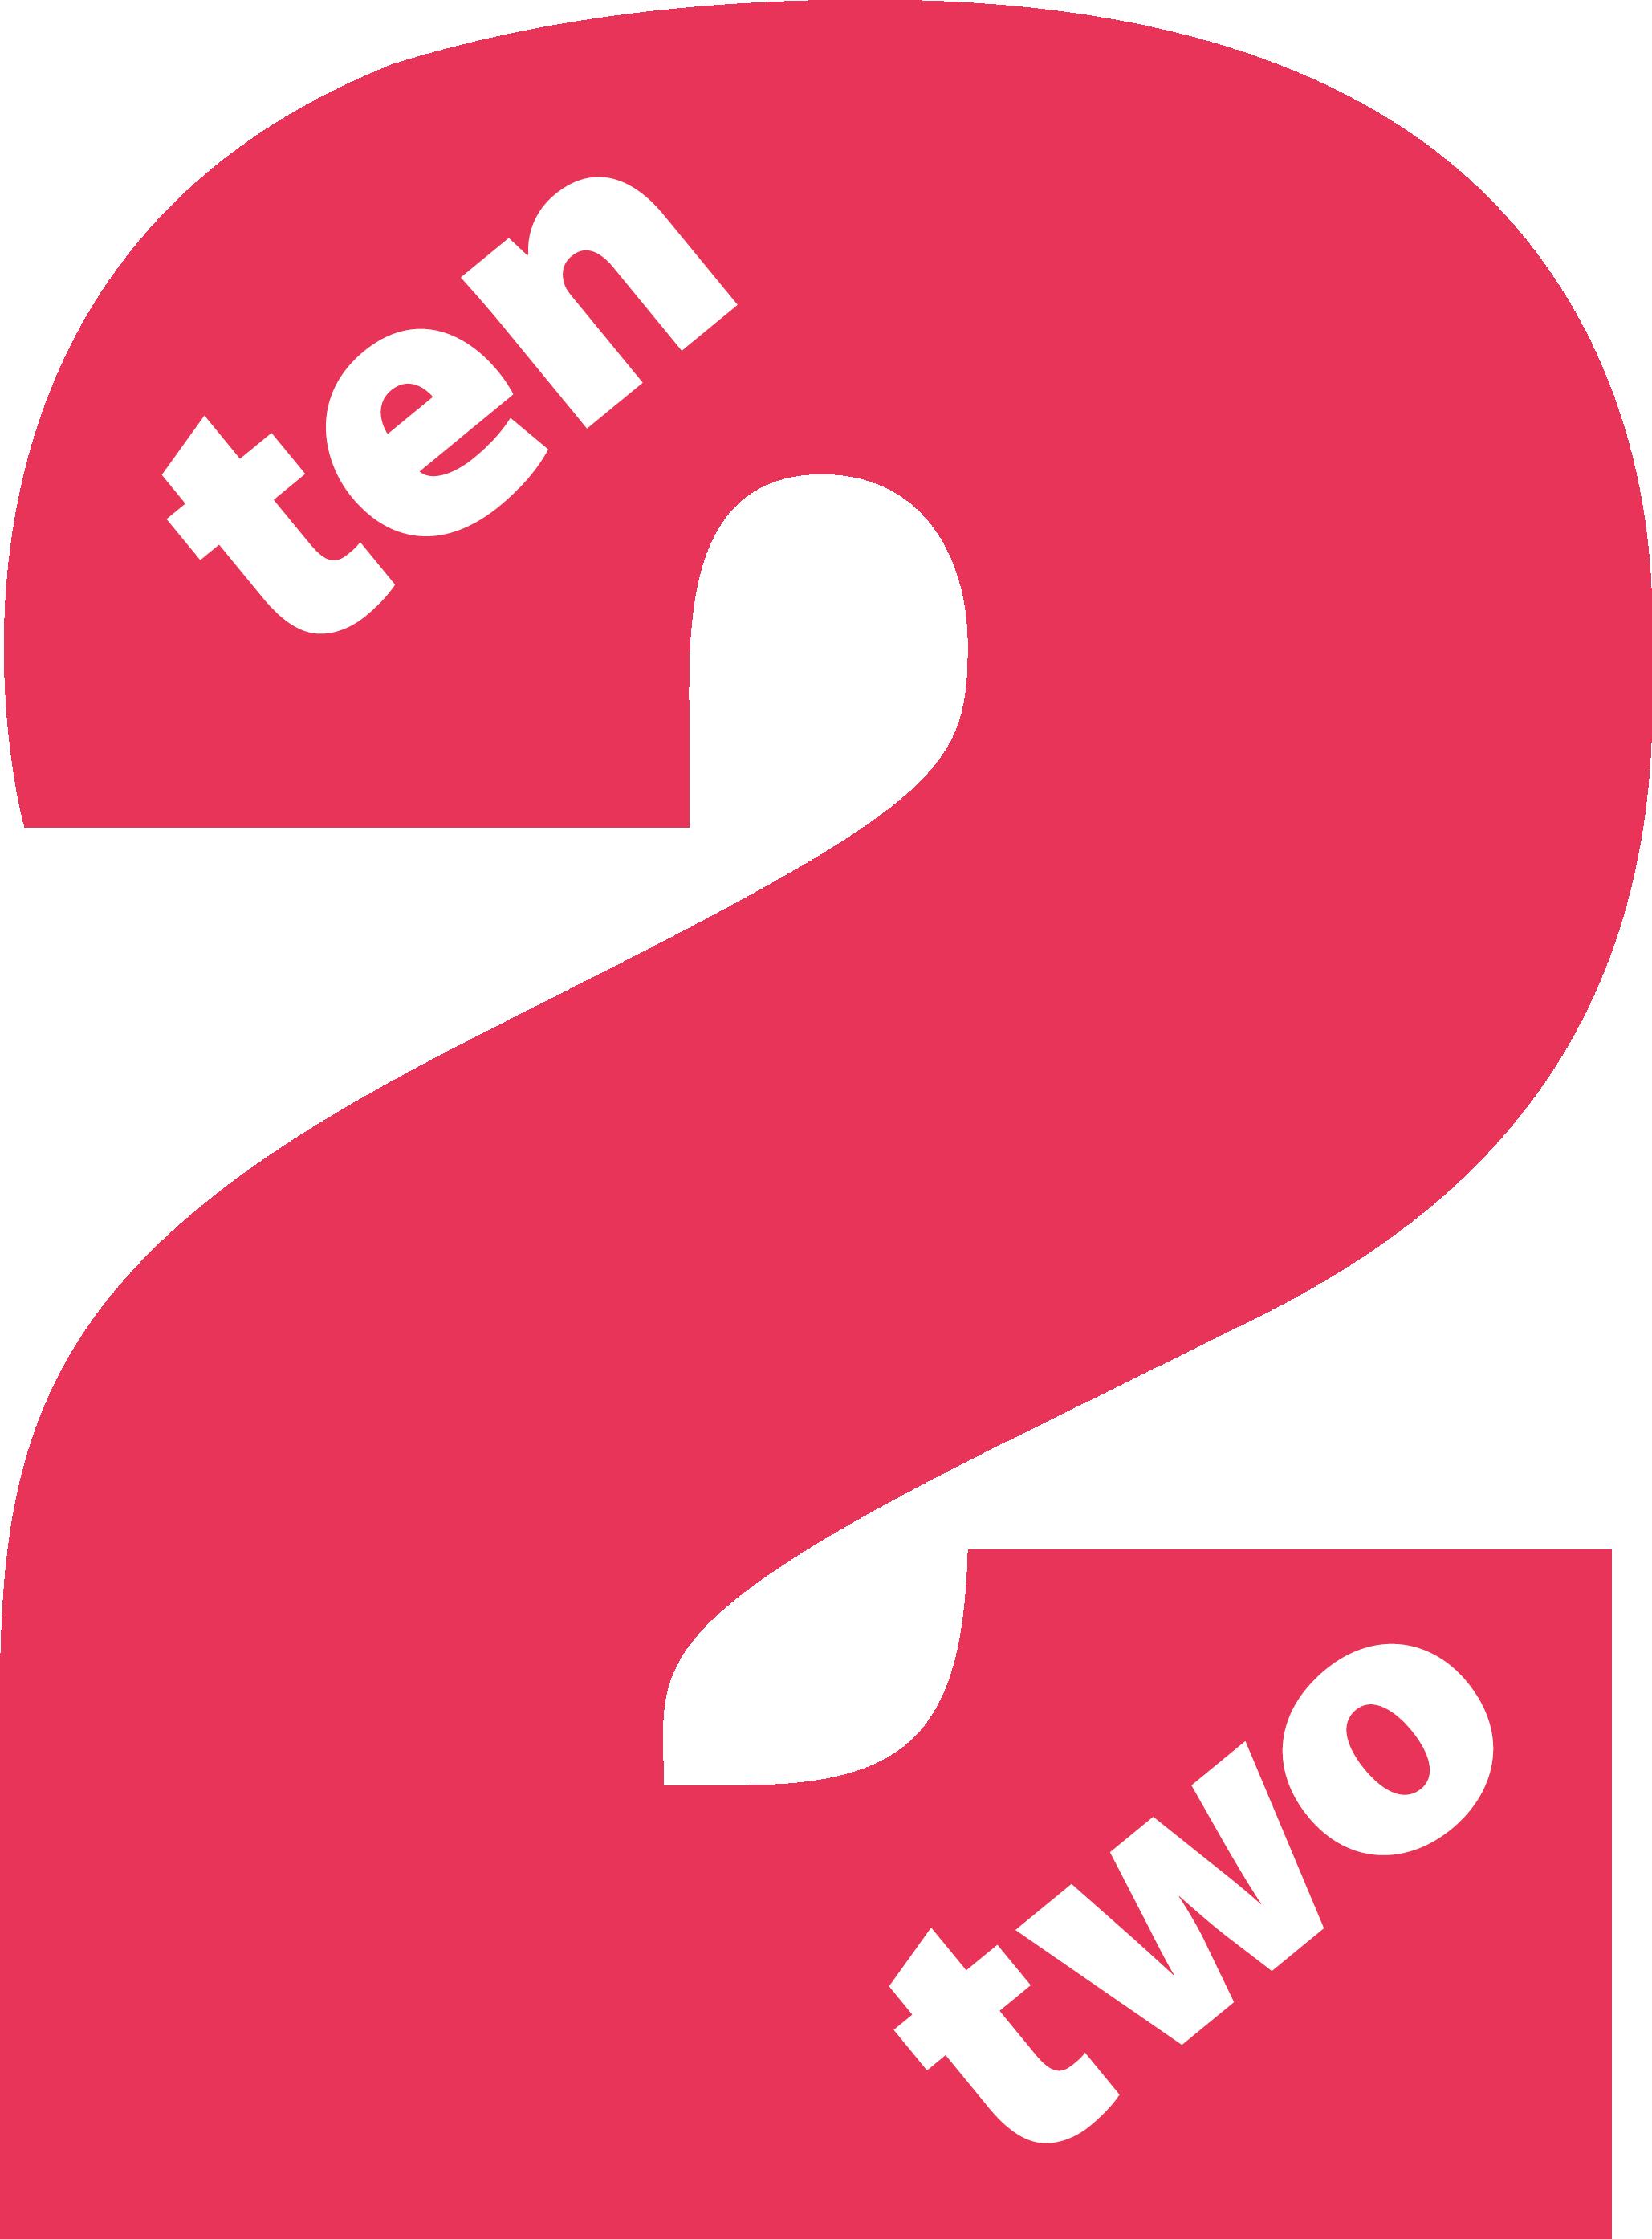 ten2logo_pink